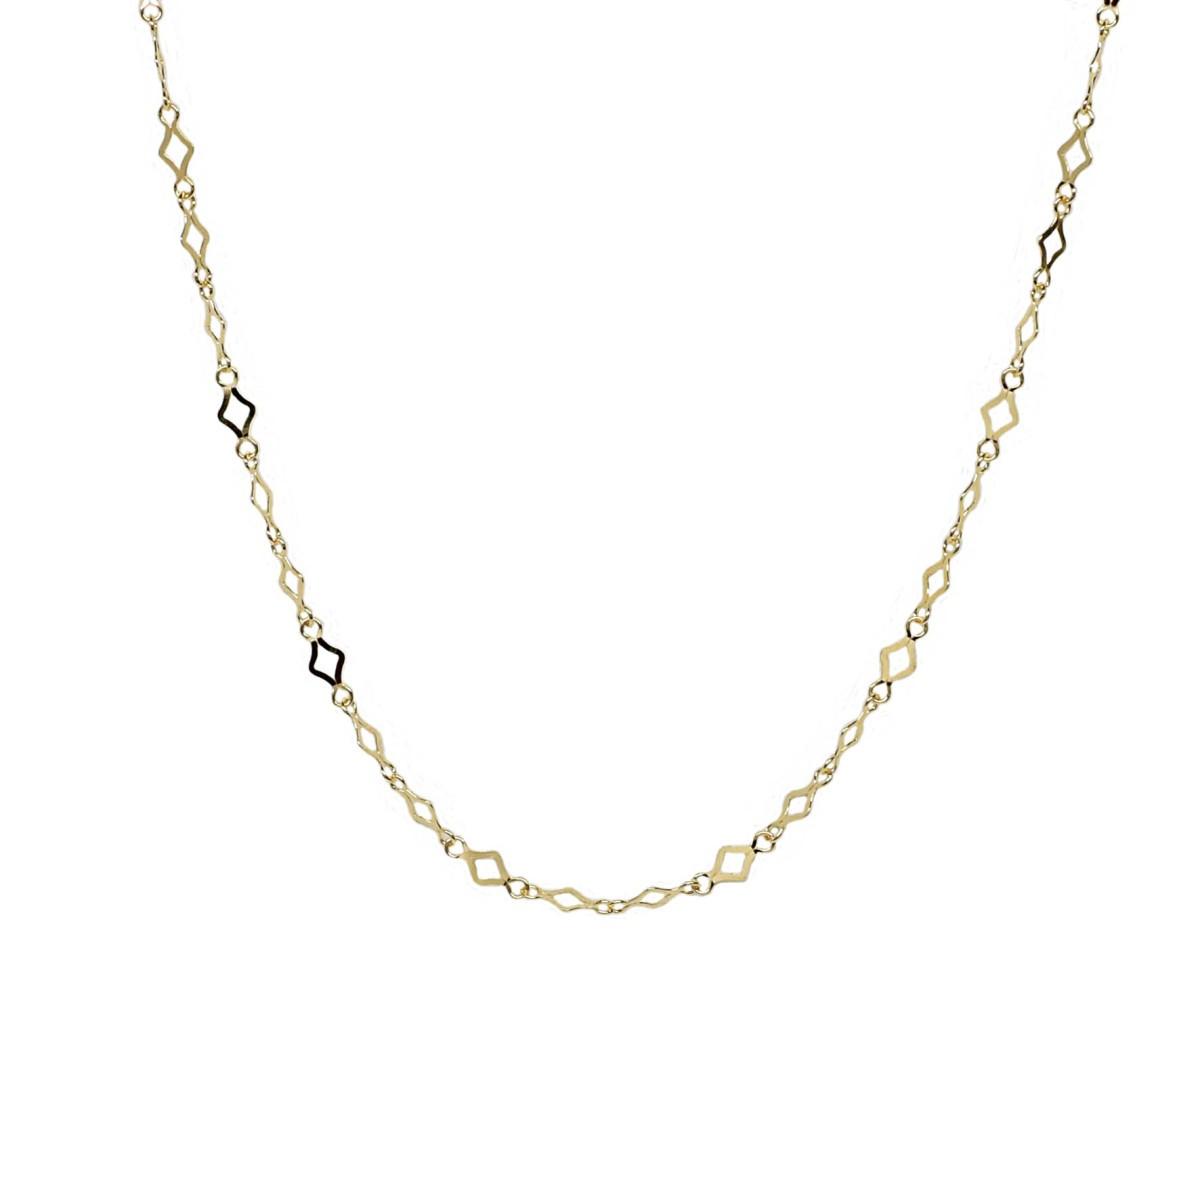 K18 18金 スパークルチェーン デザインネックレス 約1.7g 43cm